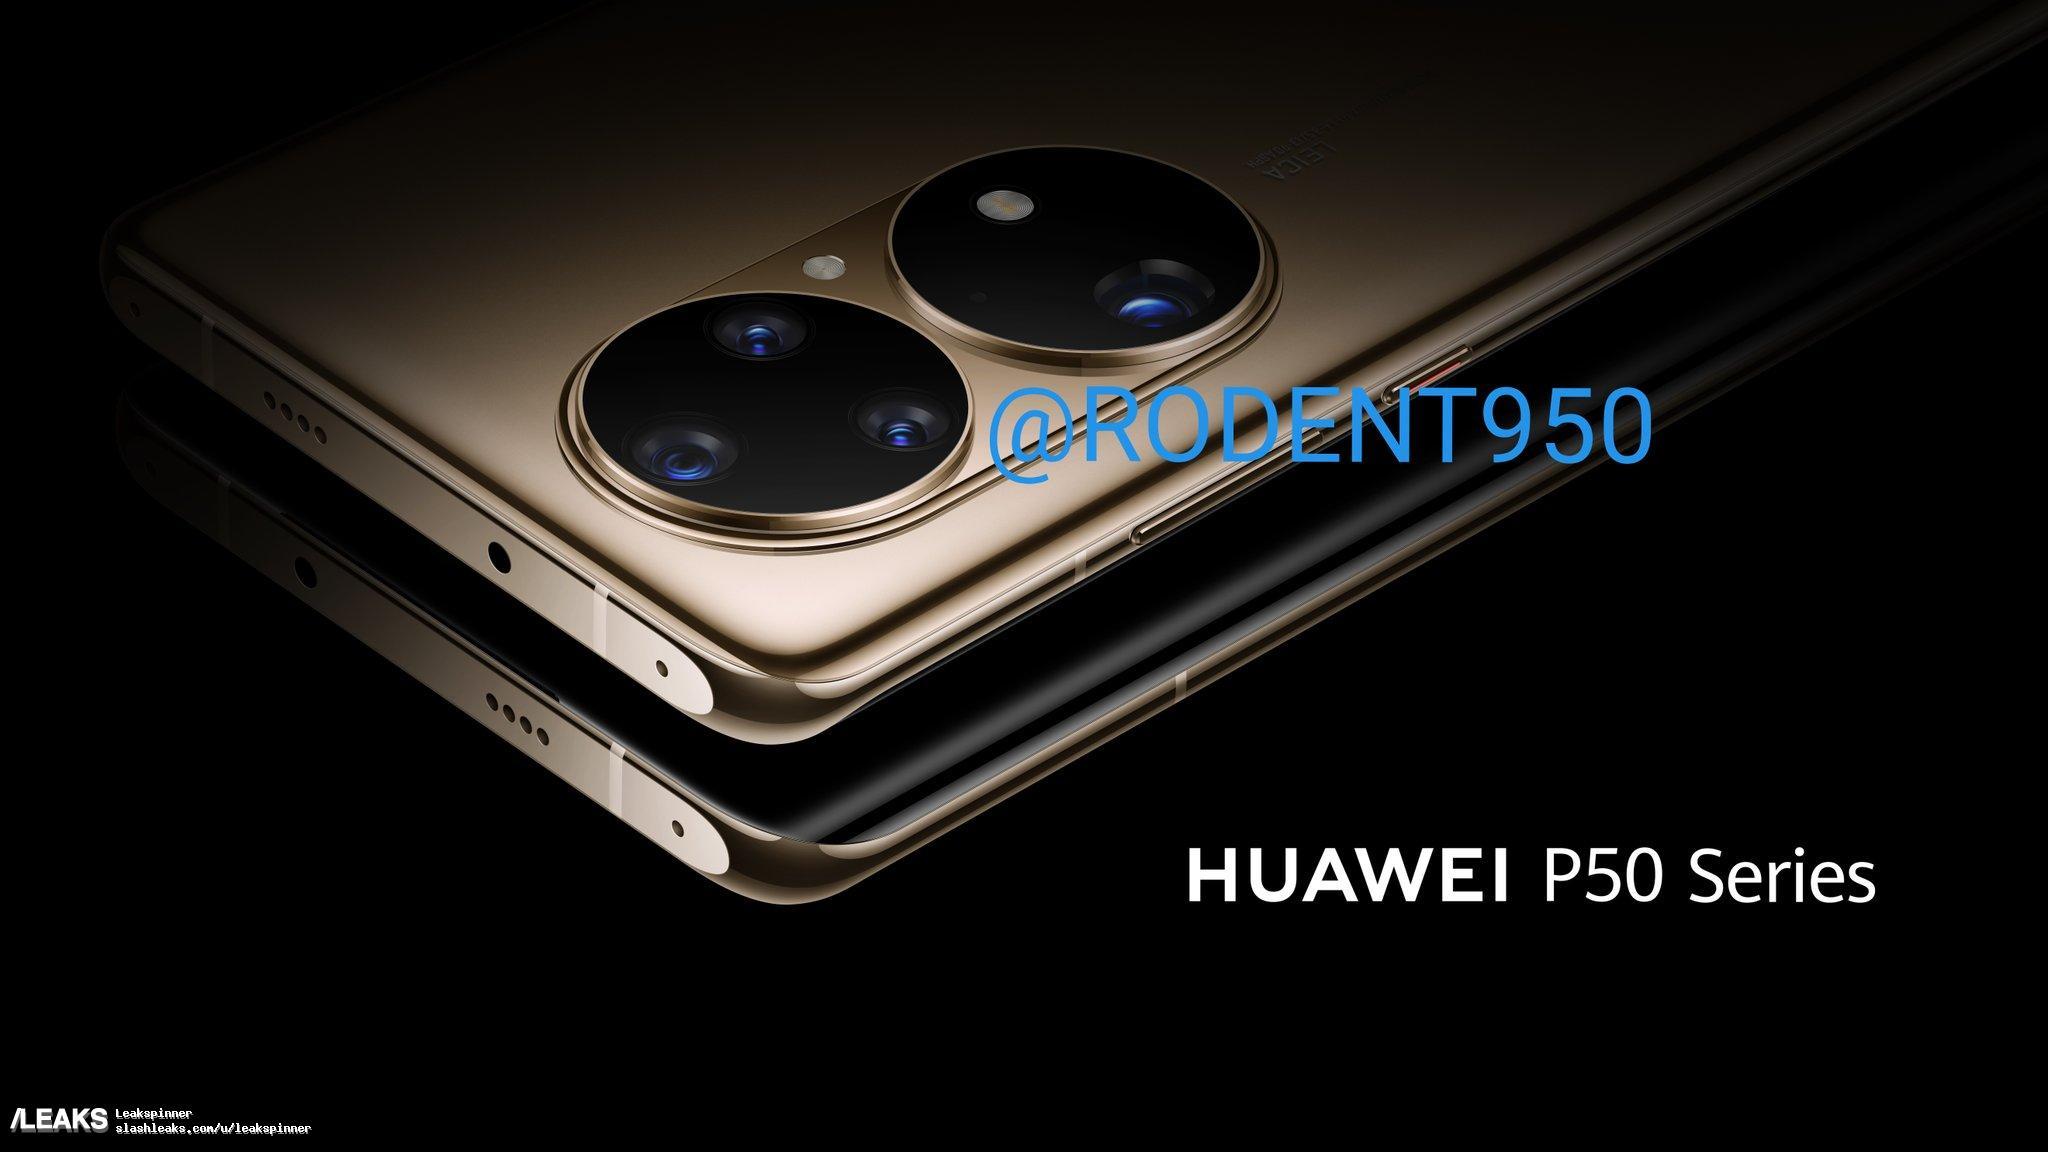 img Huawei P50 Pro press renders leaked